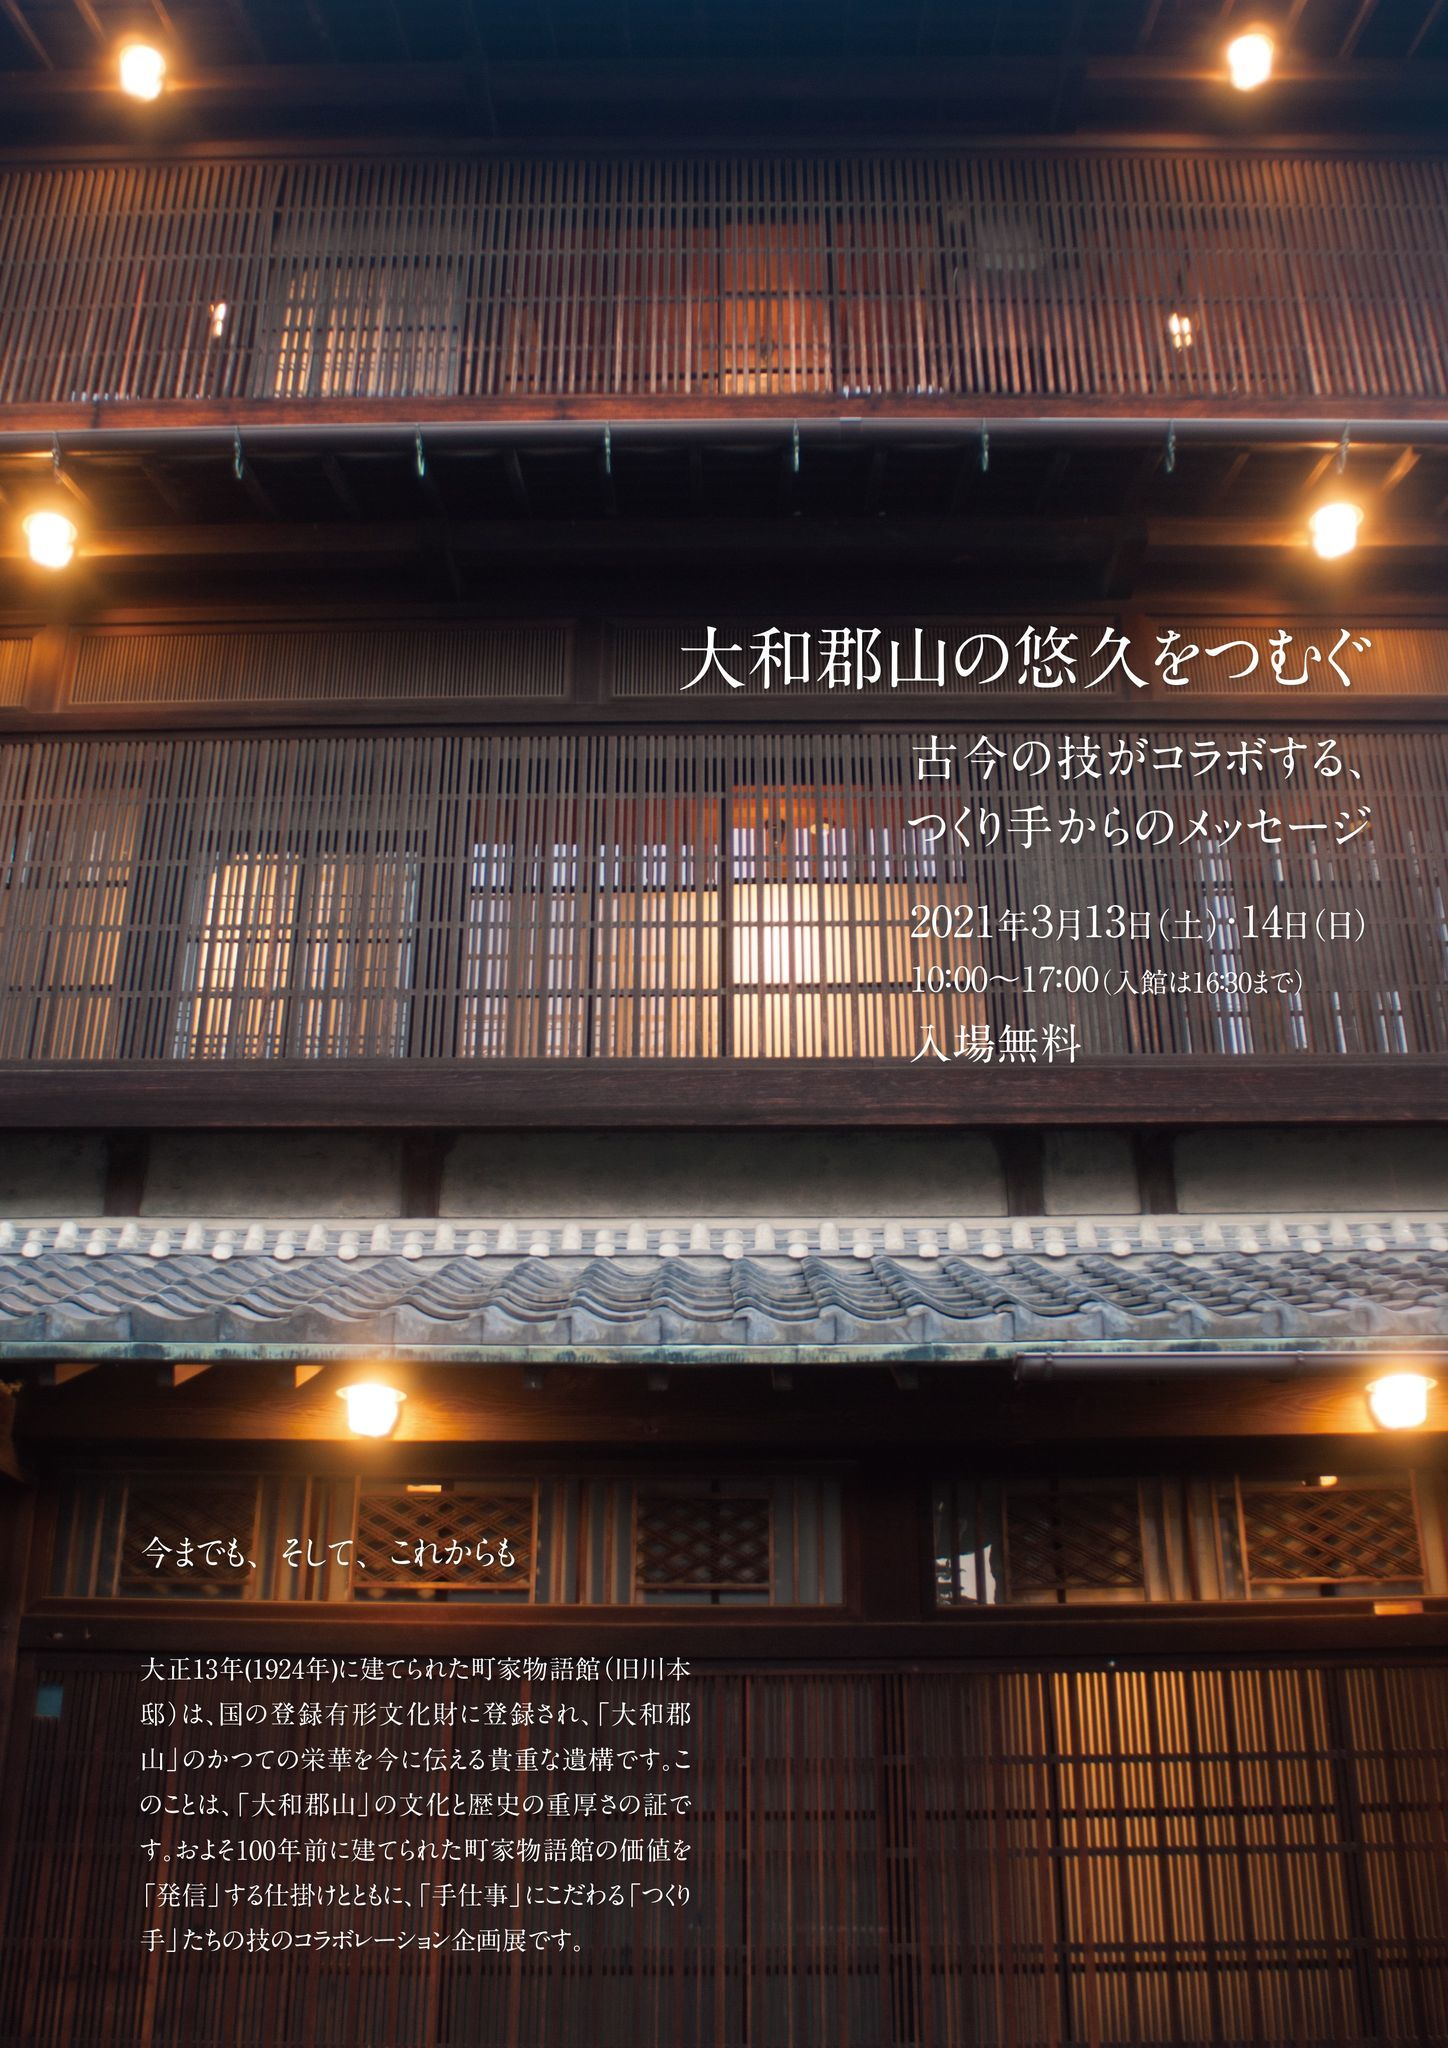 大和郡山の悠久をつむぐ_c0344243_14461839.jpg